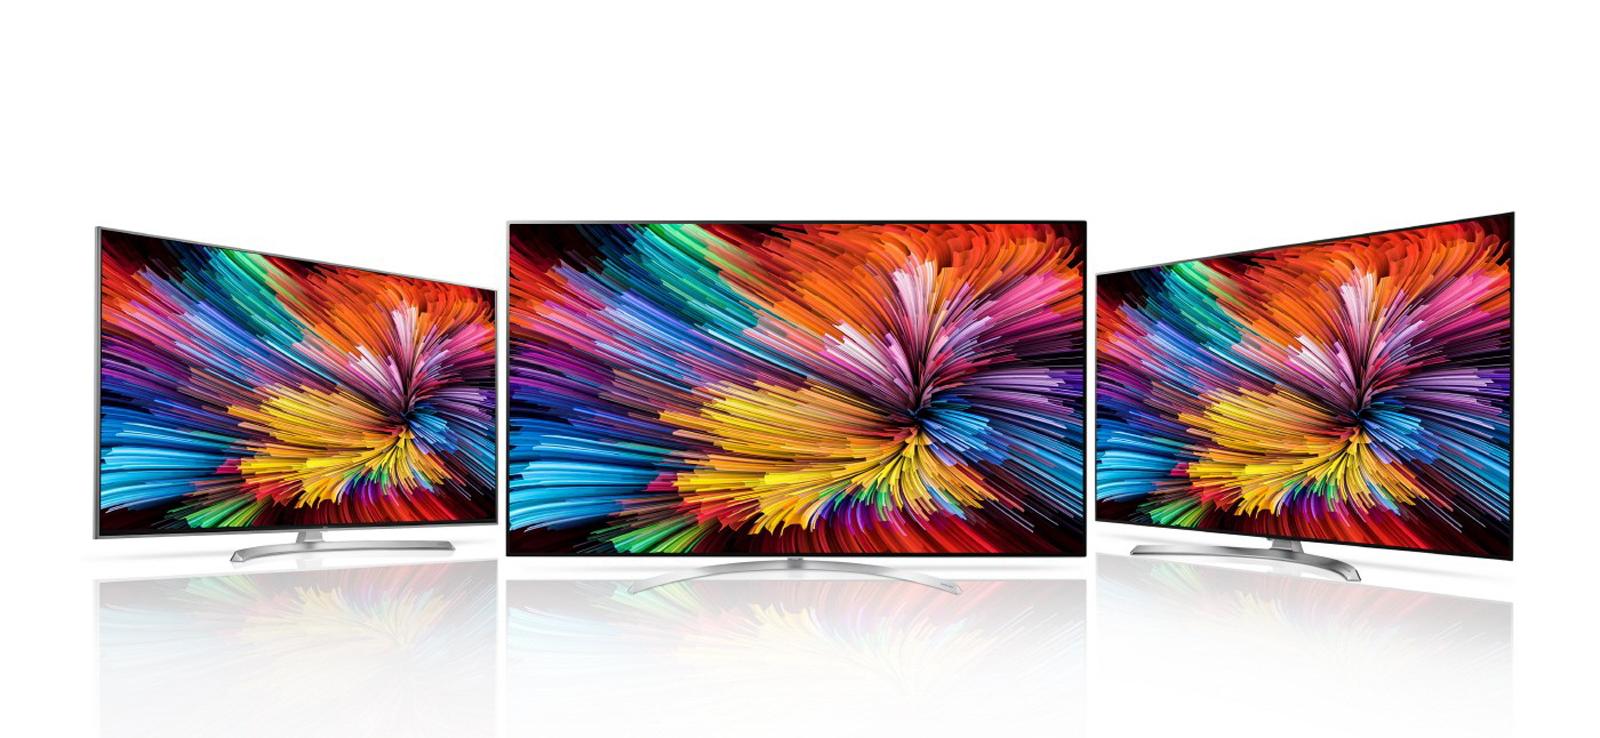 lg 39 s latest 4k tvs deliver better color through 39 nano cells 39. Black Bedroom Furniture Sets. Home Design Ideas